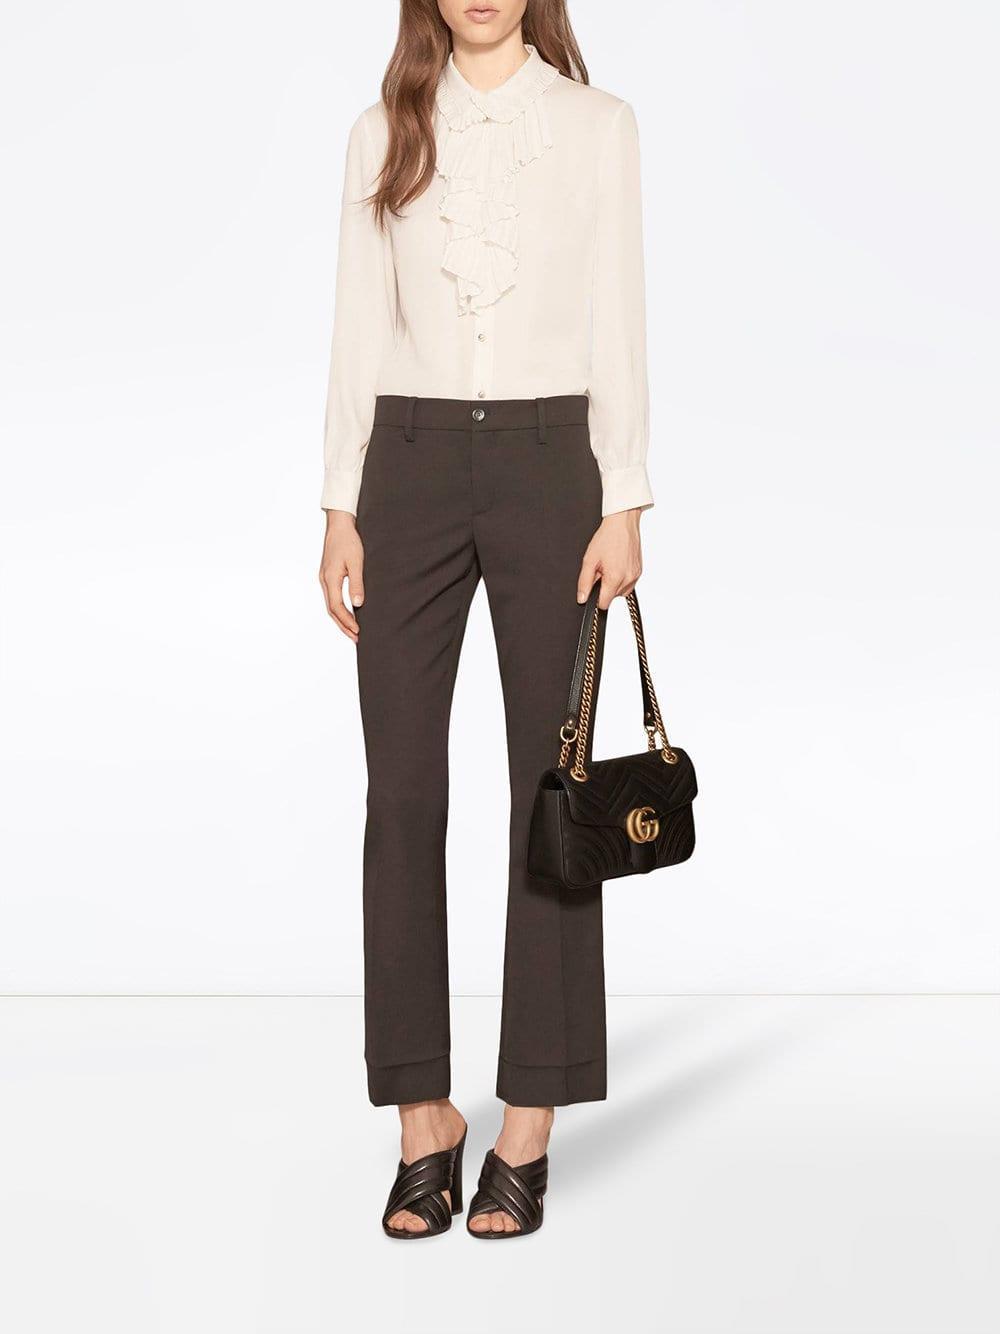 7f9a00923 Gucci - Black GG Marmont Small Matelassé Shoulder Bag - Lyst. View  fullscreen